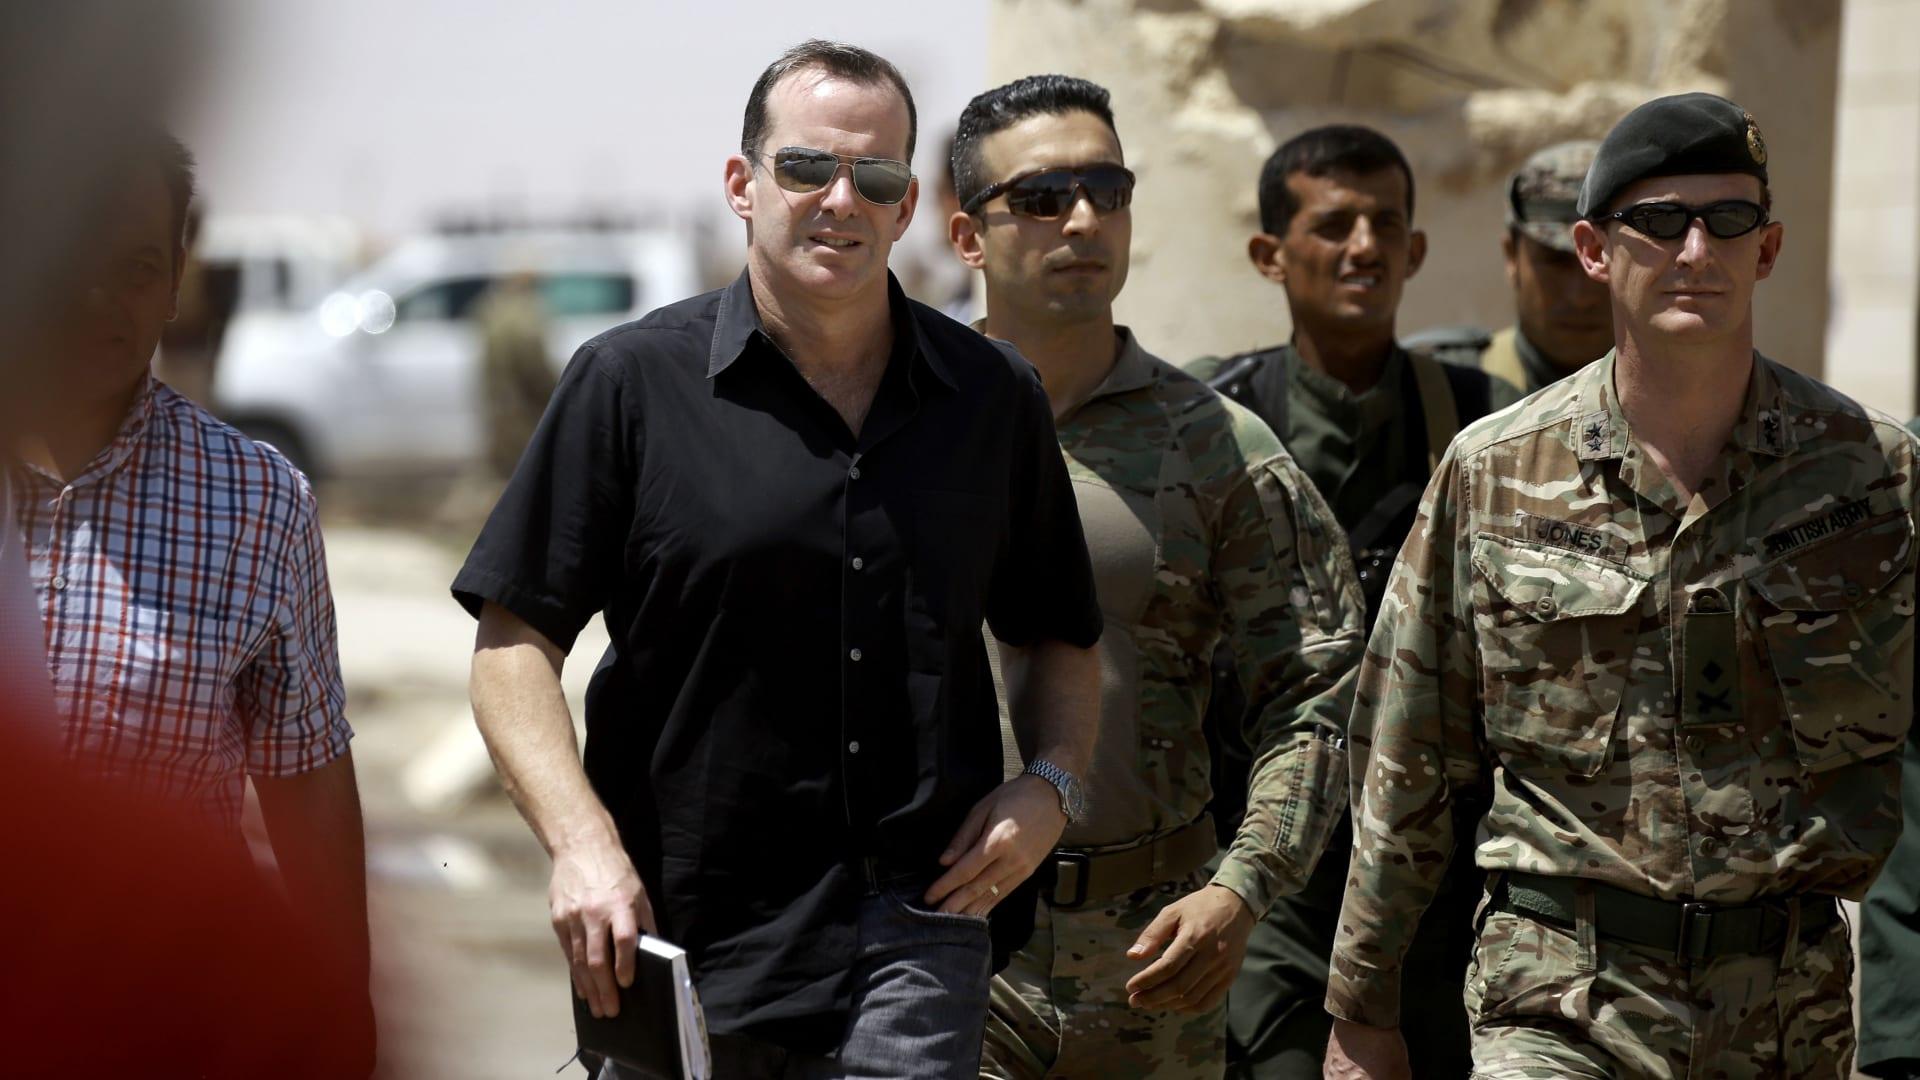 المتحدث باسم التحالف الدولي يحدد لـCNN أهمية تلعفر لداعش.. وخطط ما بعد تحريرها